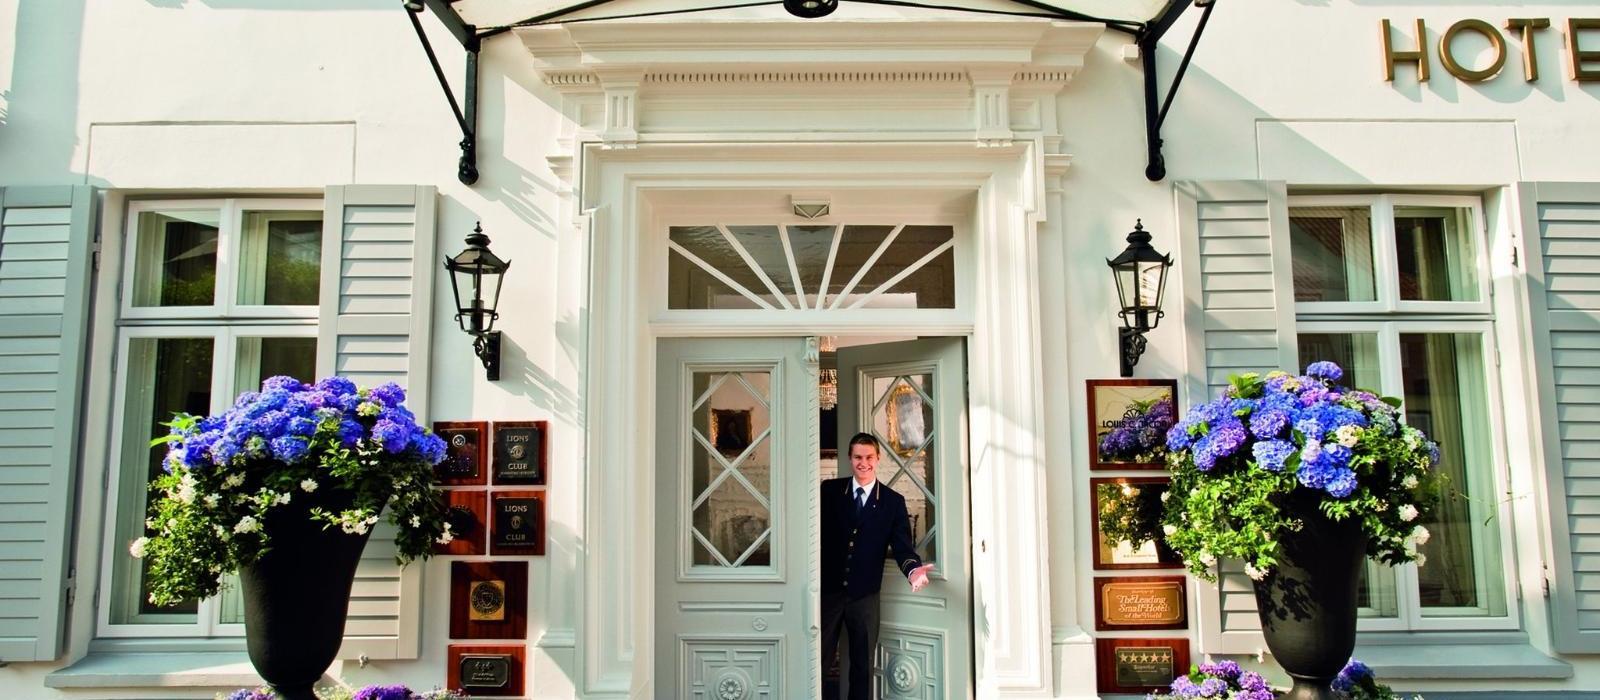 雅各布路易斯古邸酒店(Hotel Louis C. Jacob) 图片  www.lhw.cn